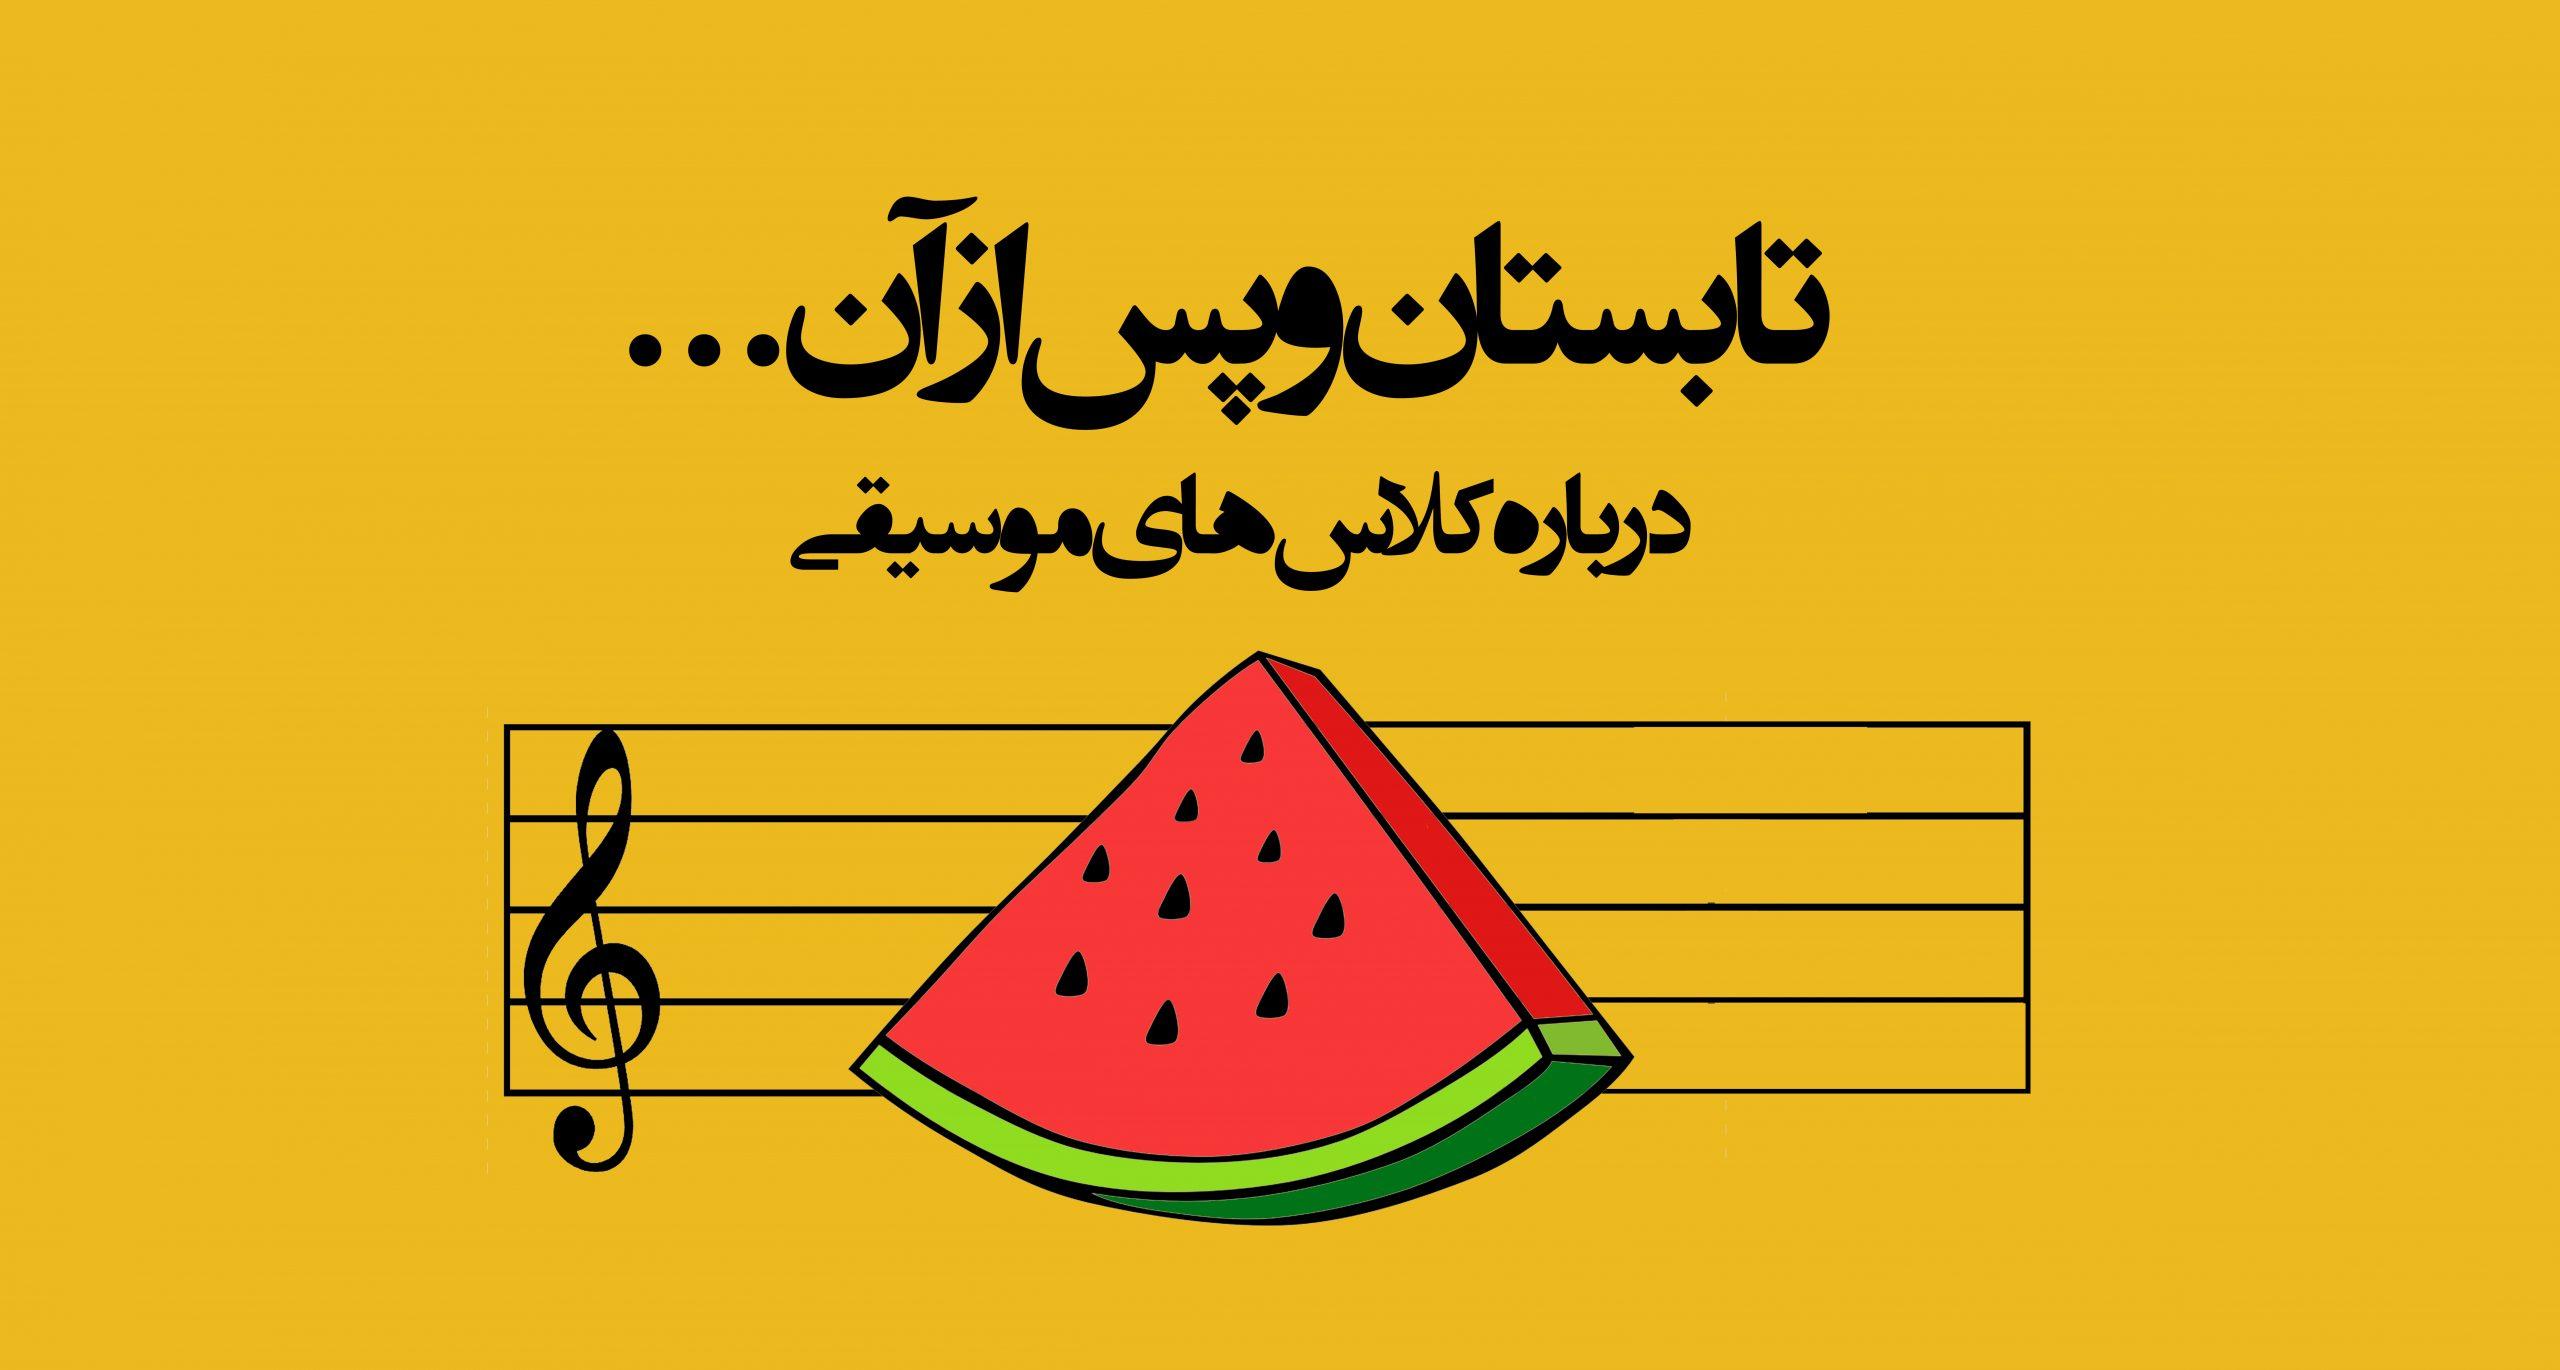 شروع آموزش موسیقی